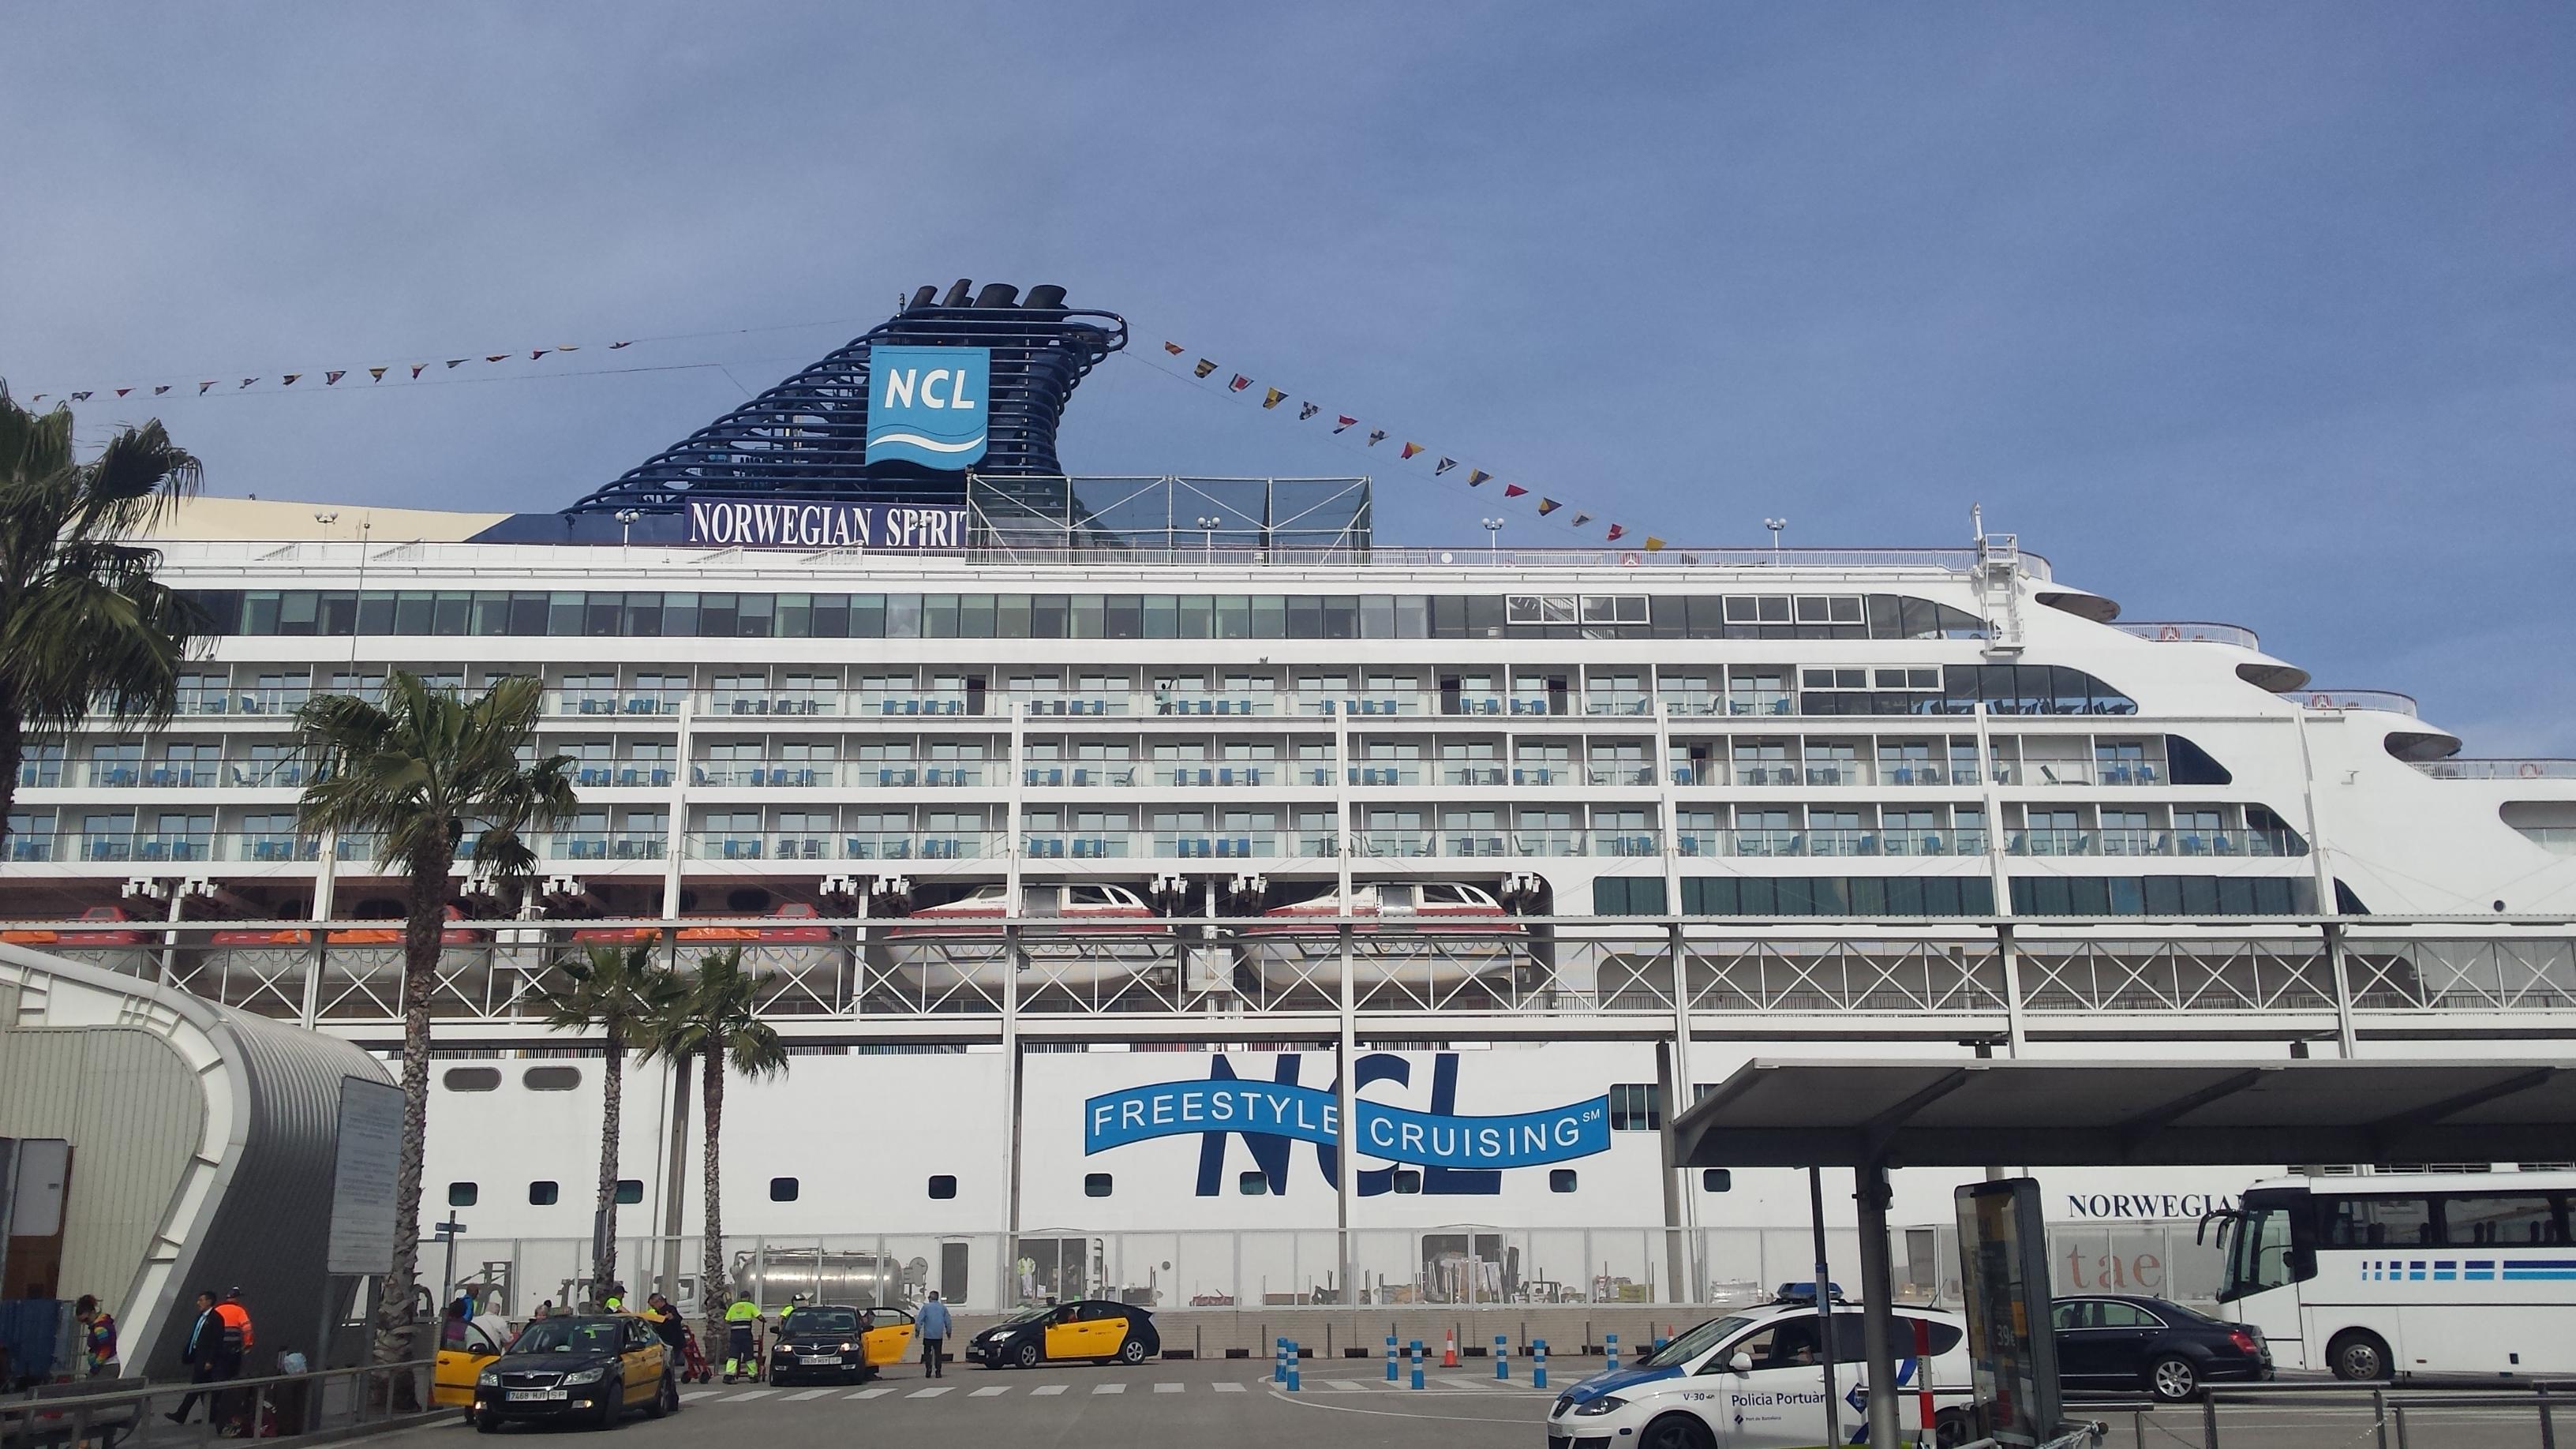 挪威精神号在巴塞罗那港口